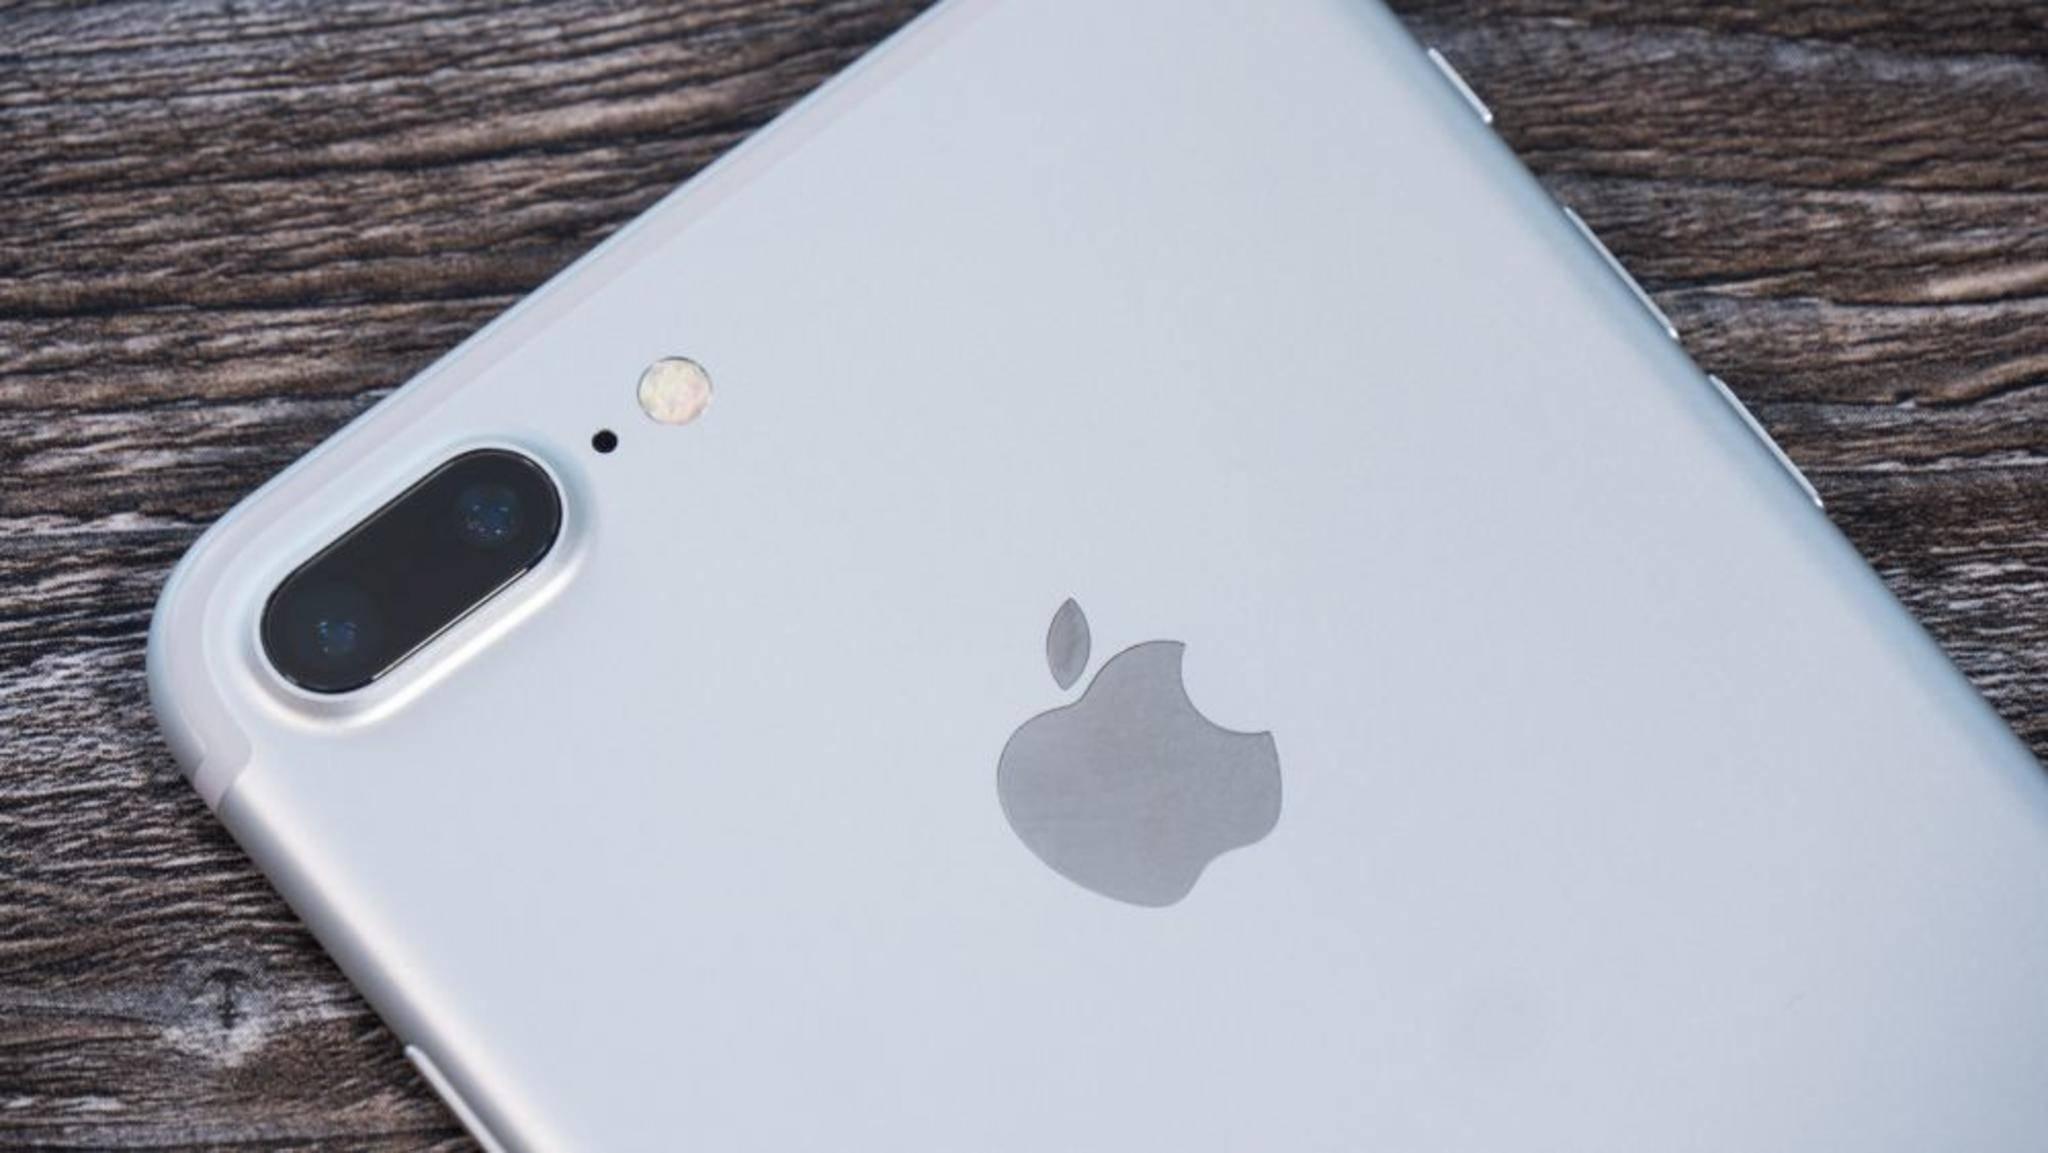 Das iPhone 7 Plus bekommt mit iOS 10.1 einen Porträt-Modus.